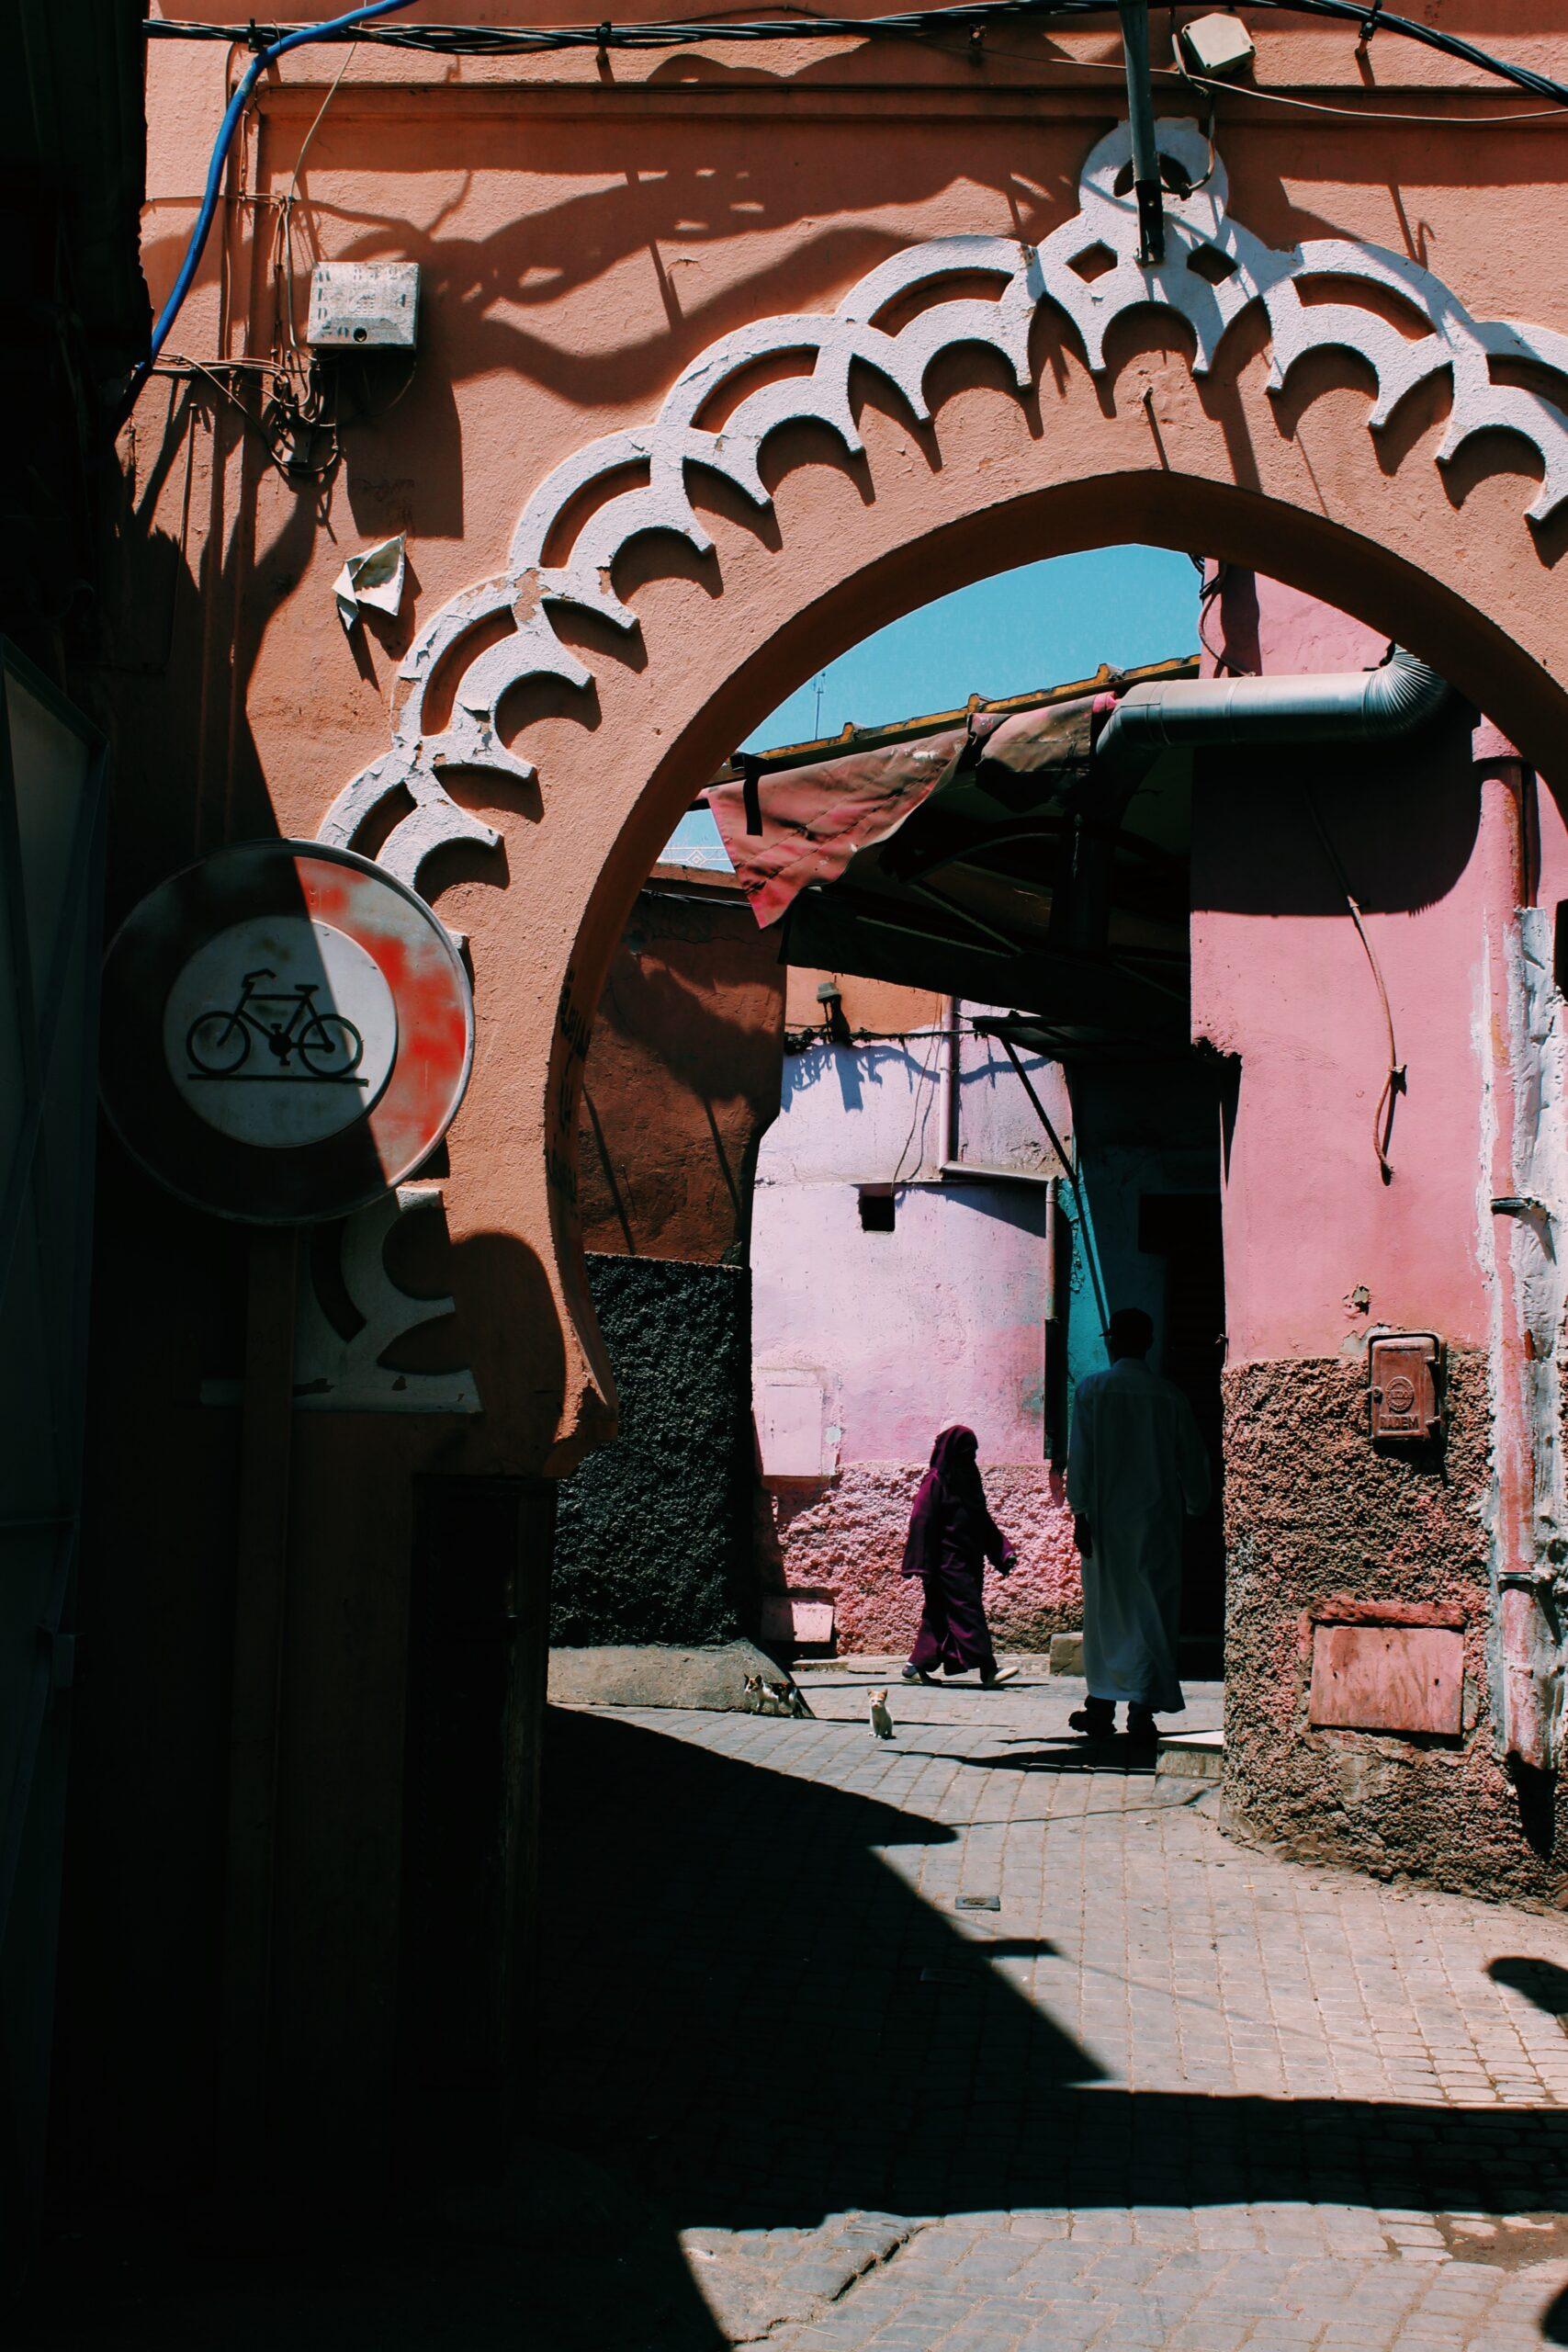 Imagen de la noticia Atención sanitaria (curativa y preventiva) y psicosocial de las personas migrantes en los campamentos alrededor de Nador (Marruecos) y defensa de sus derechos fundamentales, con especial atención a mujeres y a la infancia